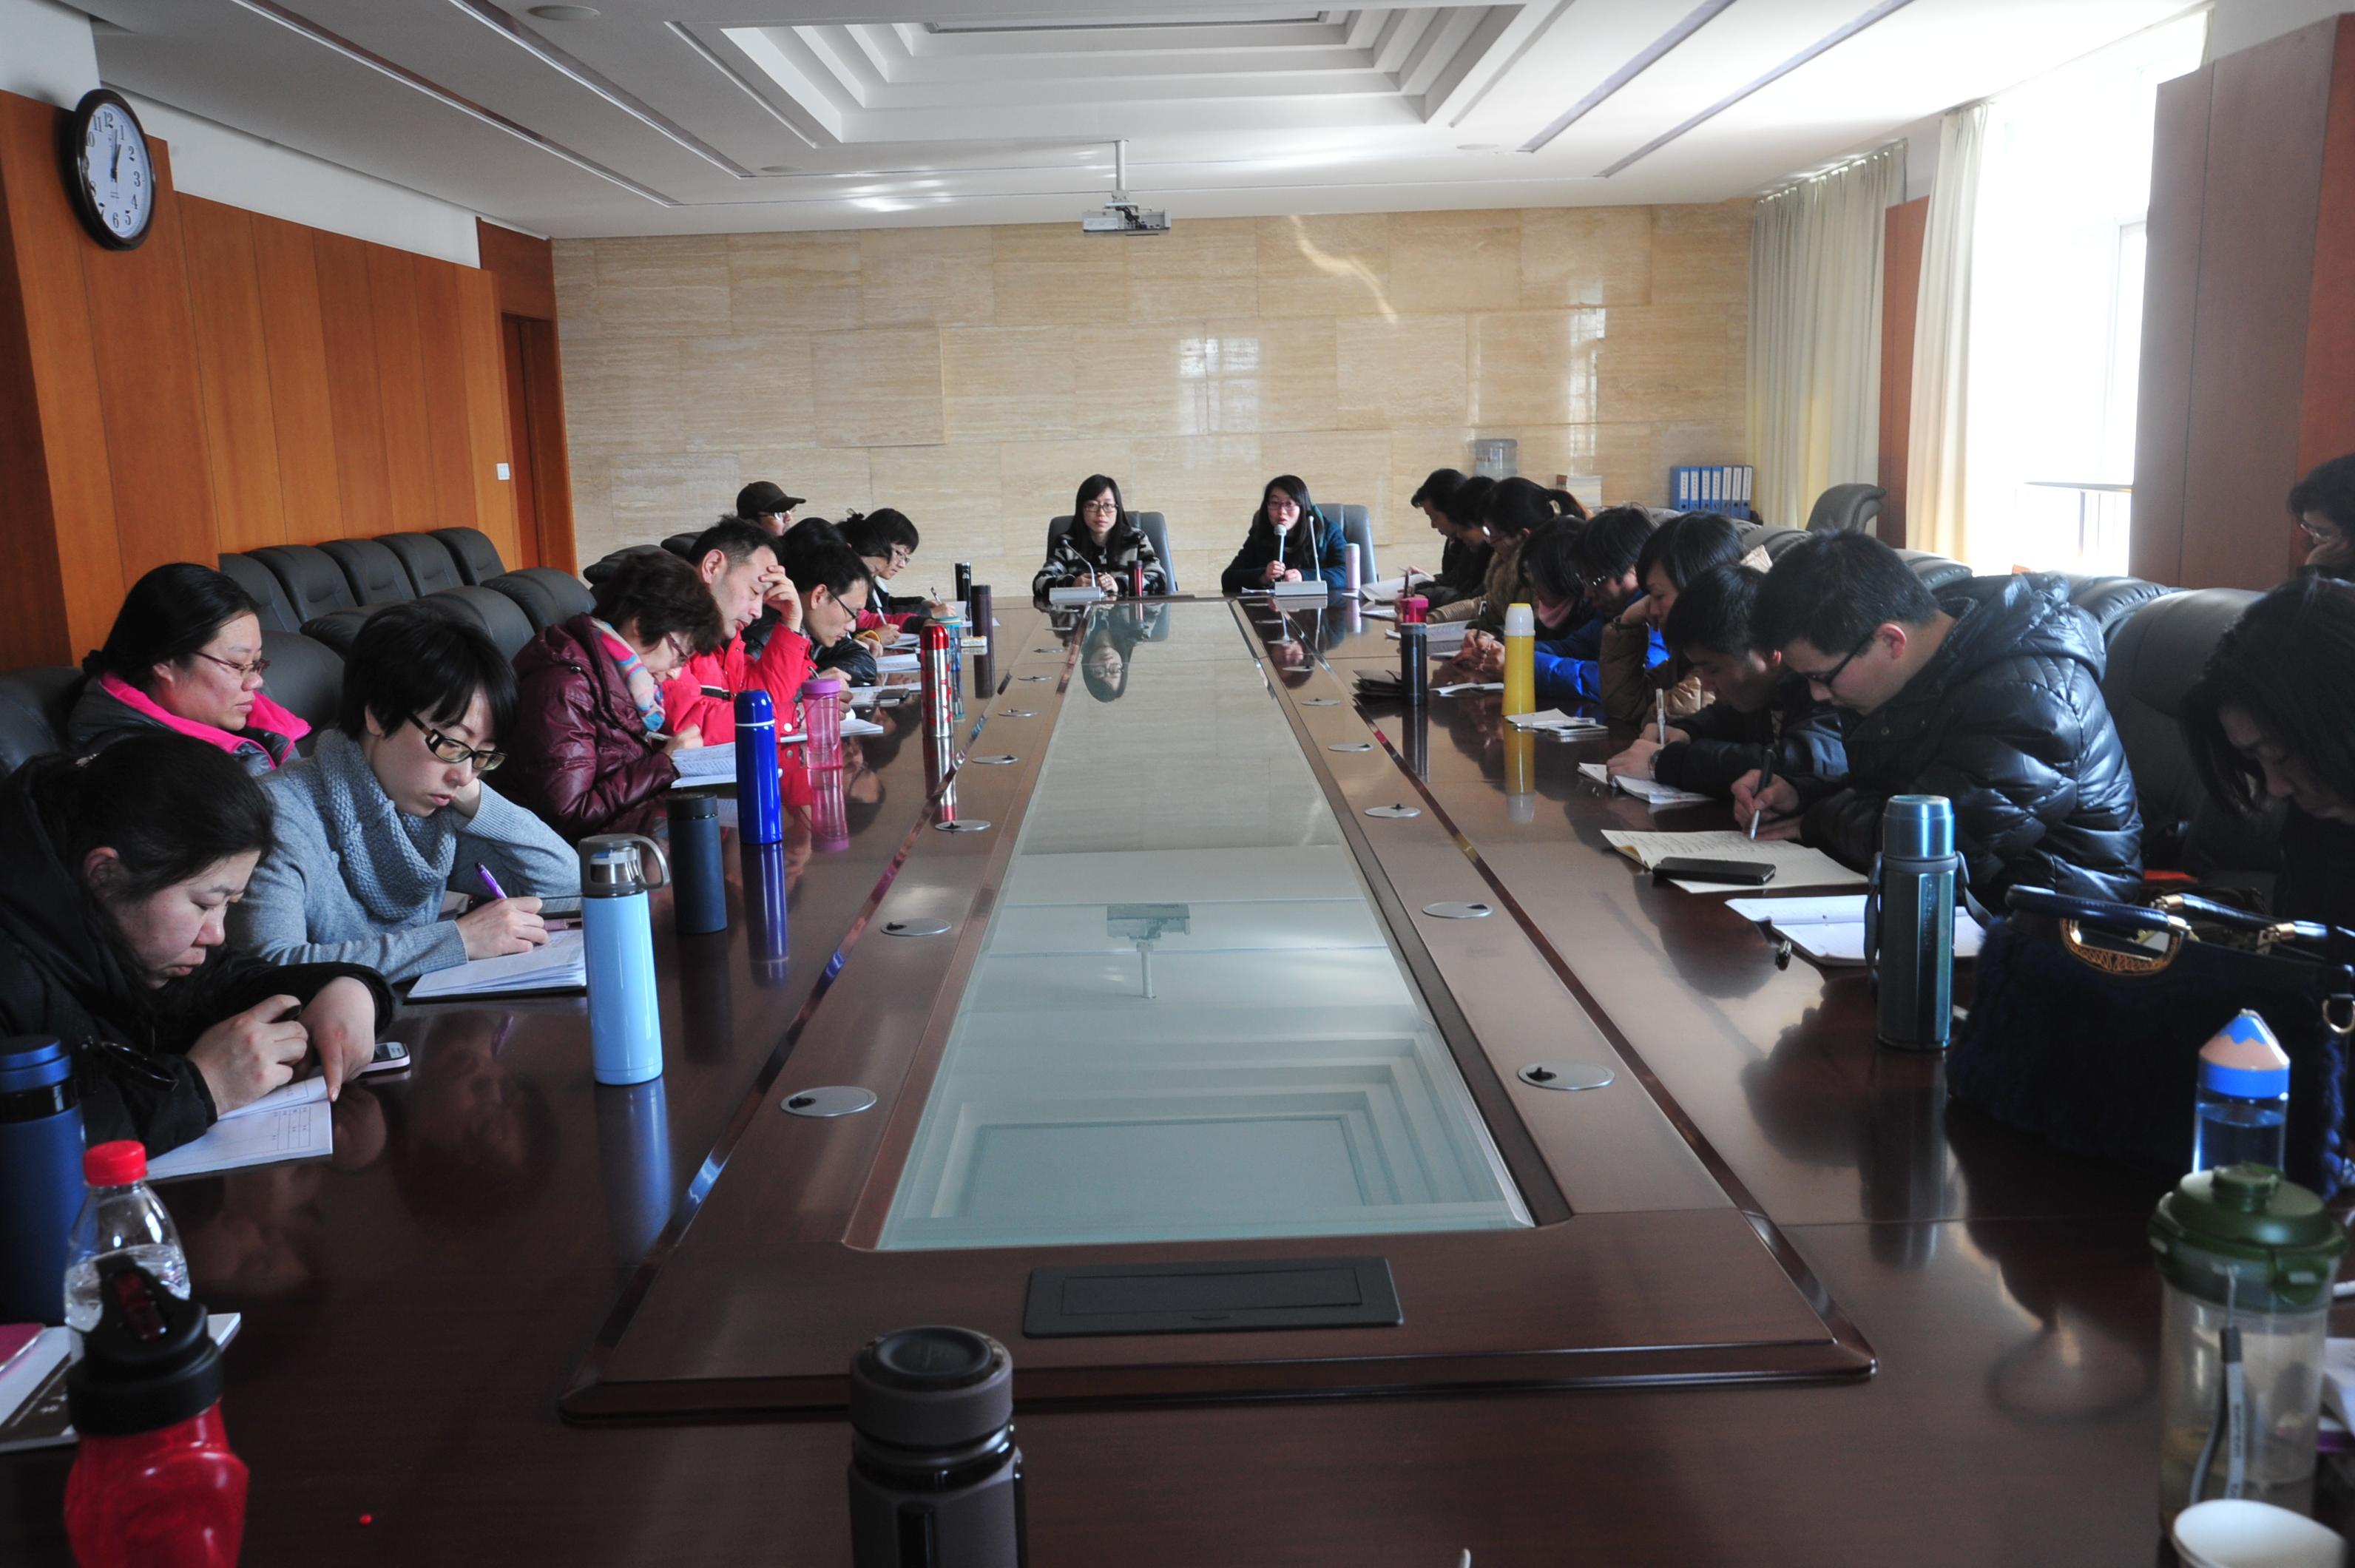 初中班主任会议记录_[106中] 举办班主任培训会暨班主任论坛--郑州校园网